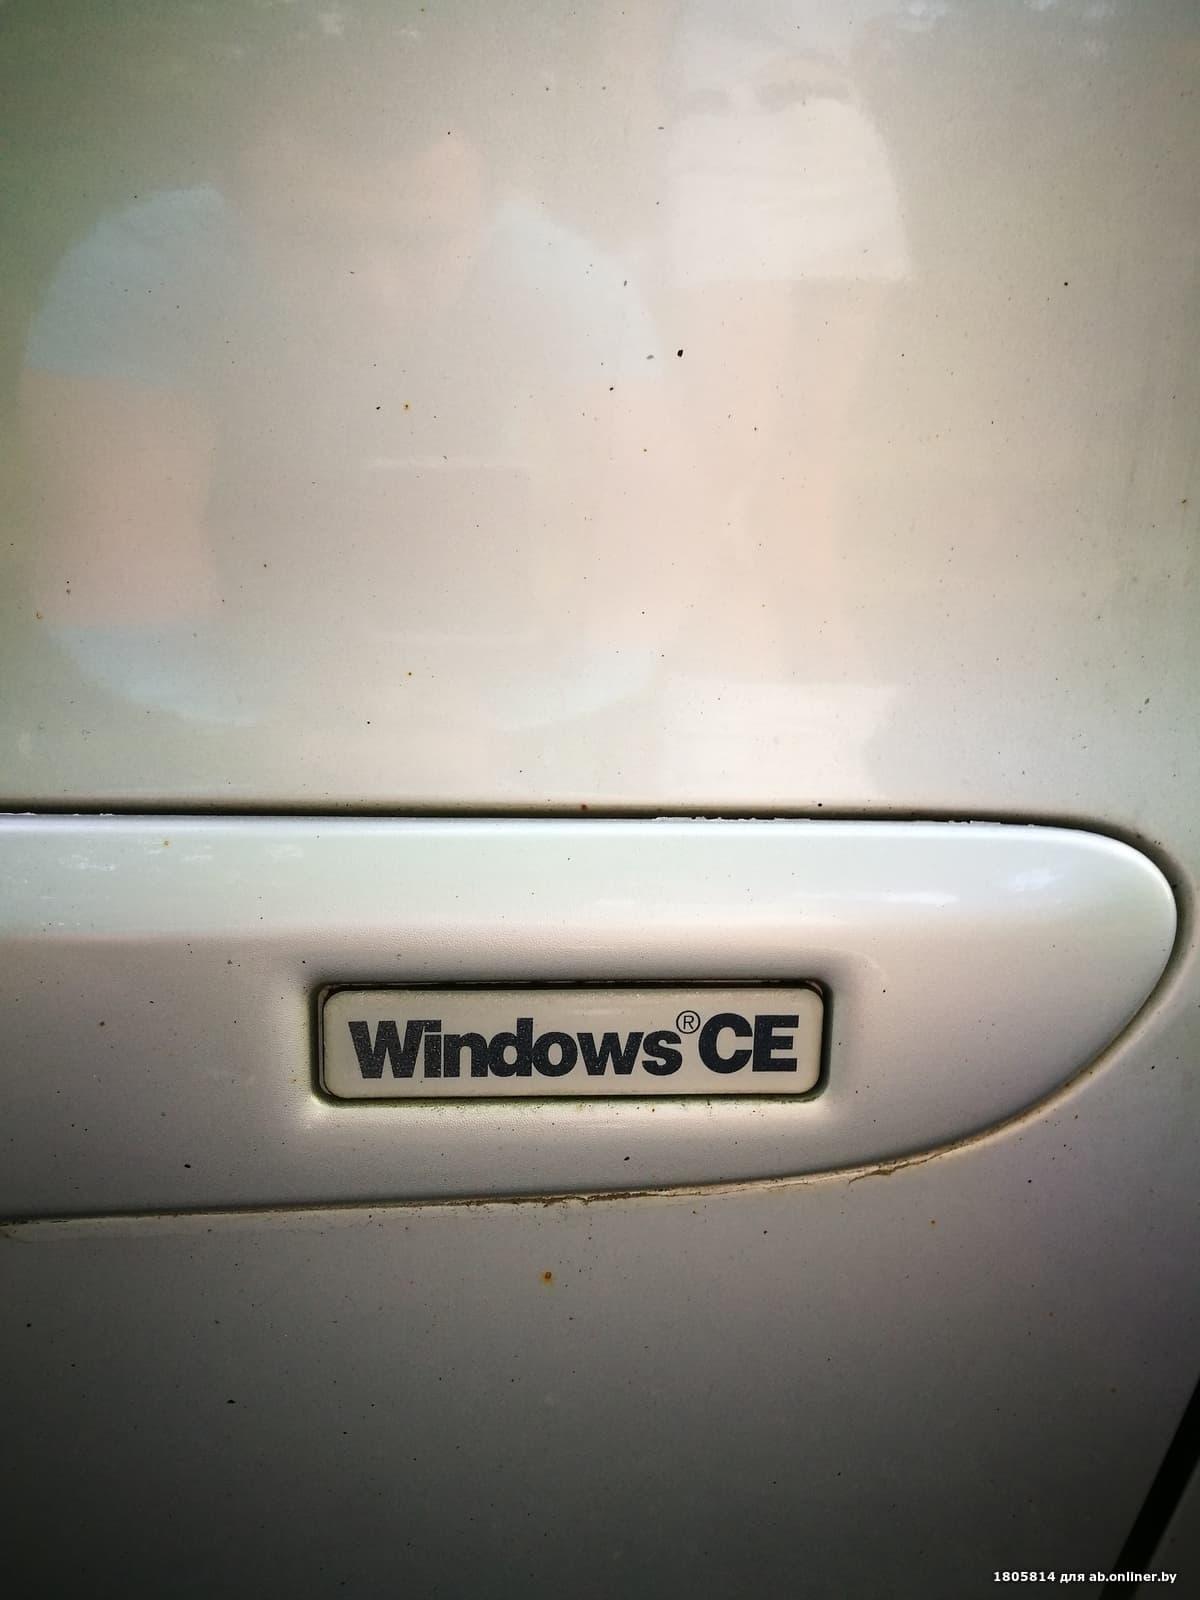 Citroen Xsara Windows CE